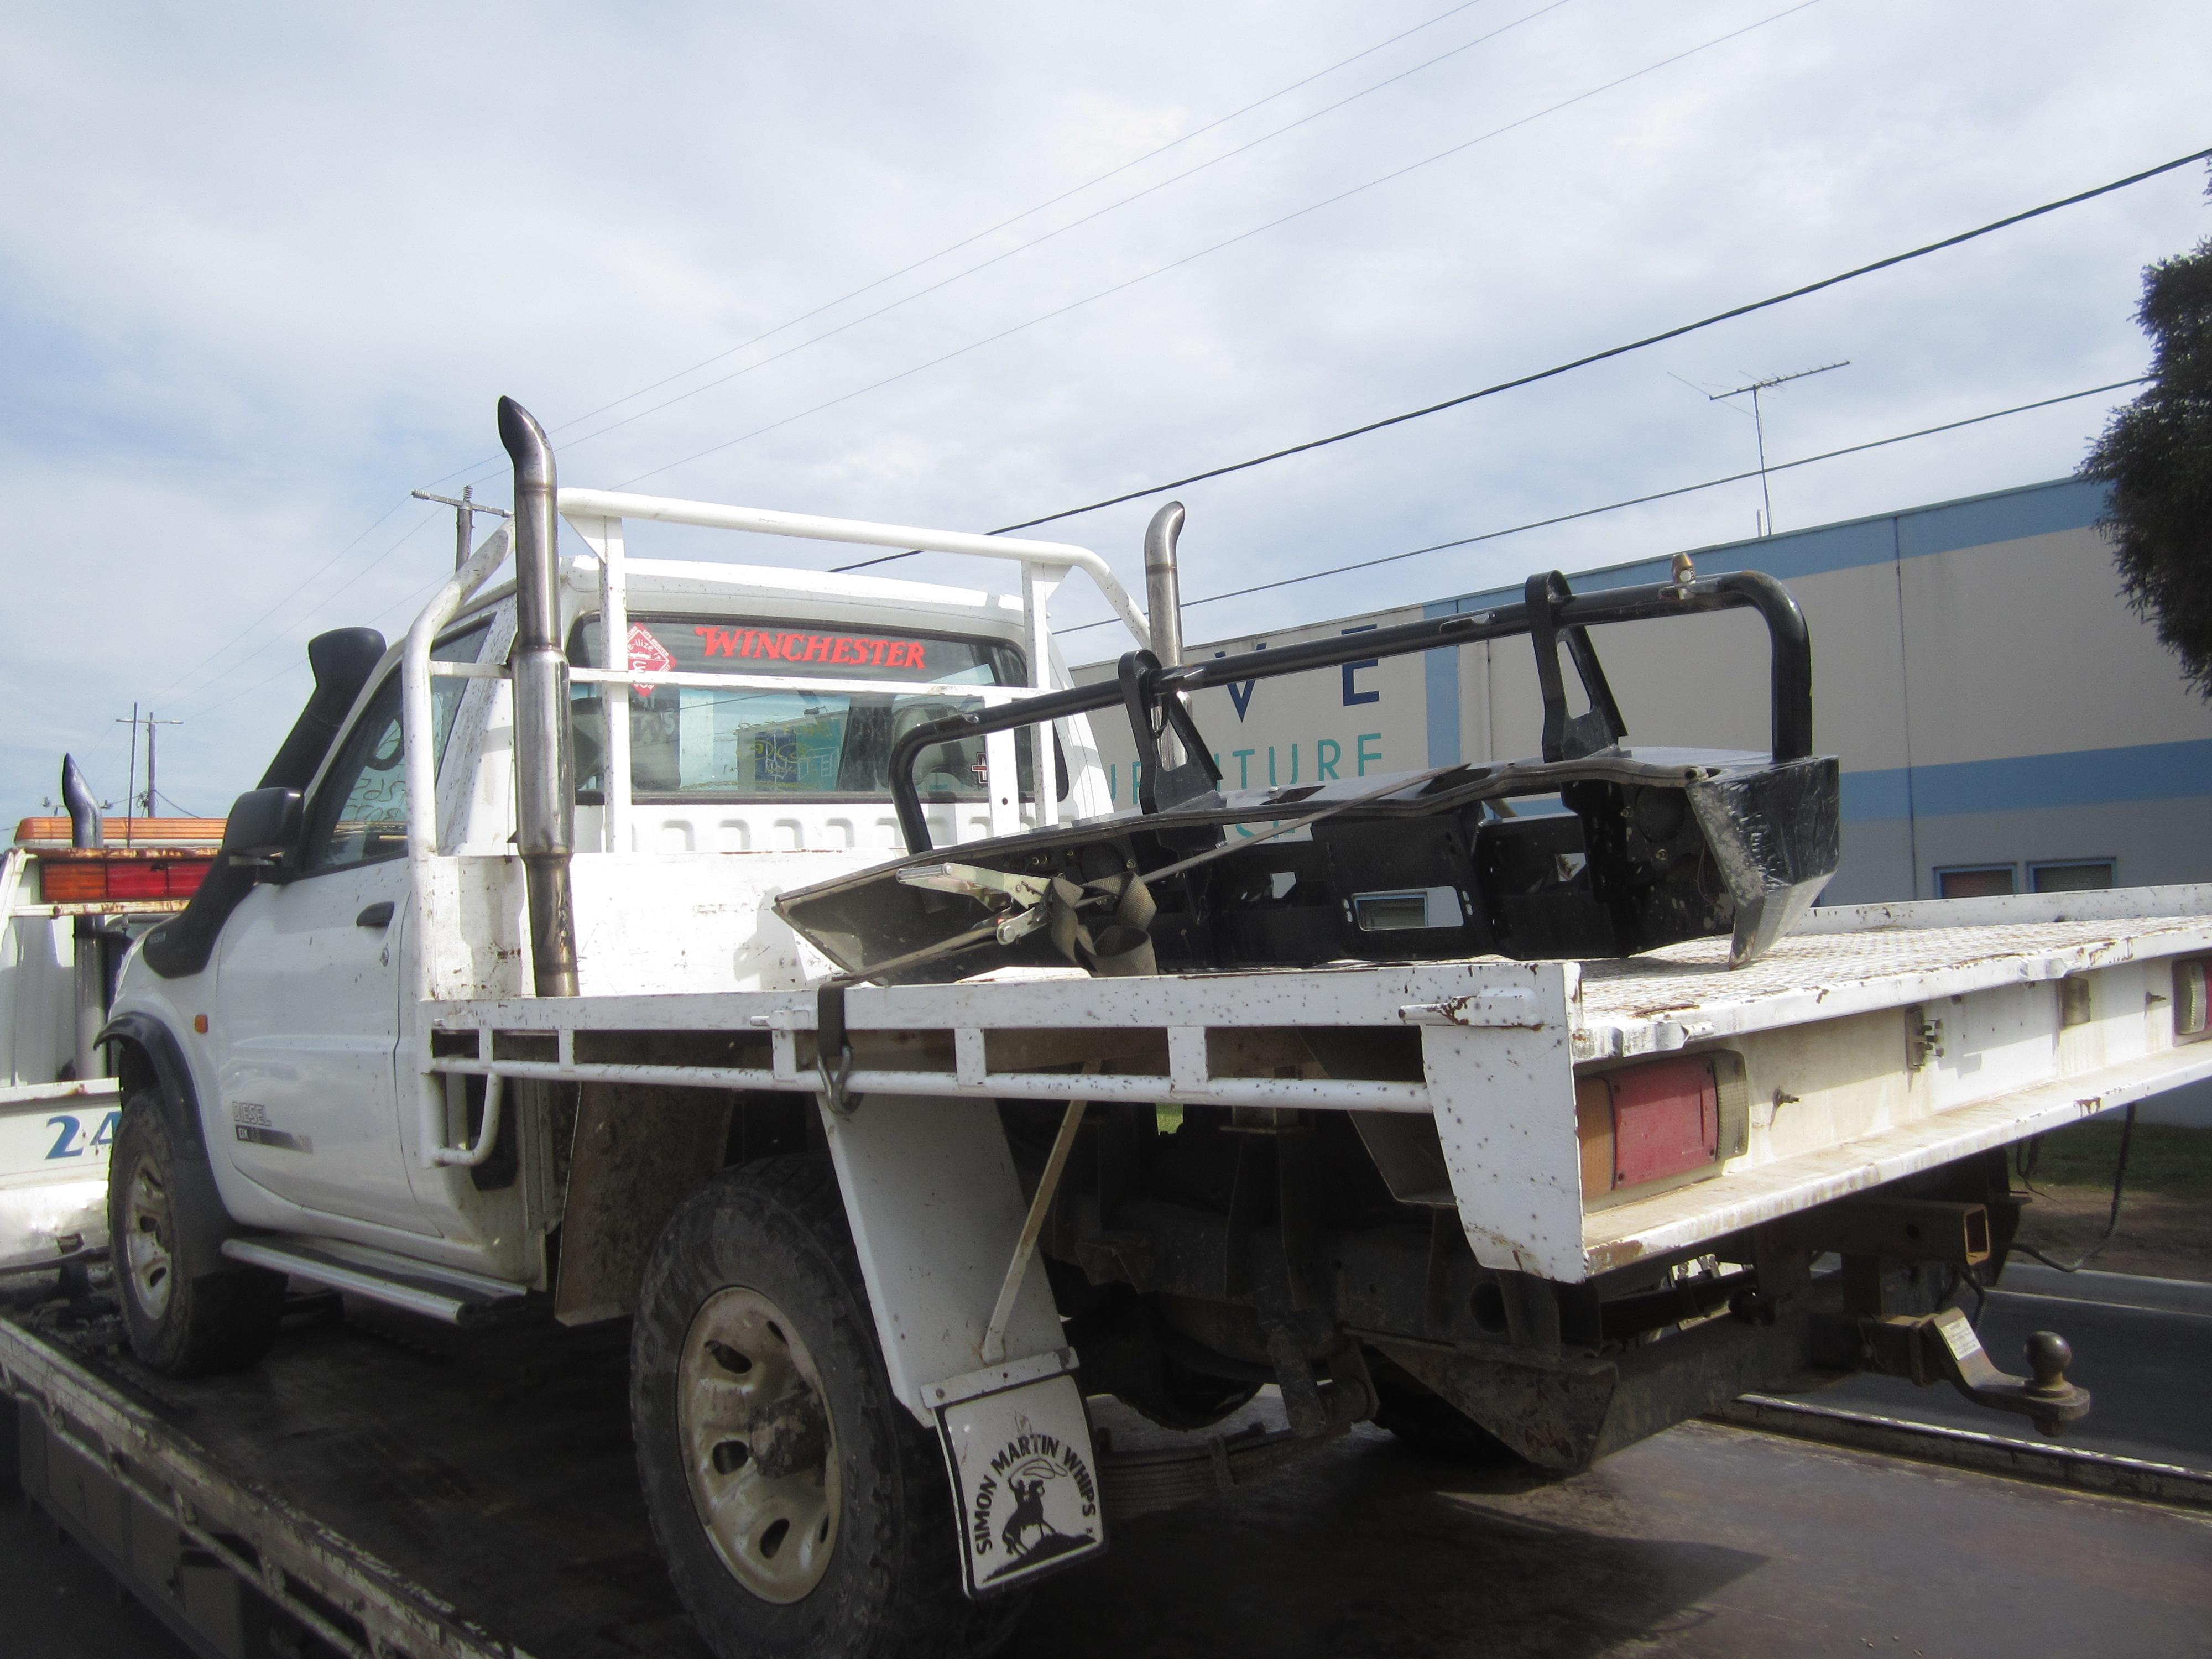 nissan patrol y61 ute td42 turbo diesel 1999 wrecking. Black Bedroom Furniture Sets. Home Design Ideas